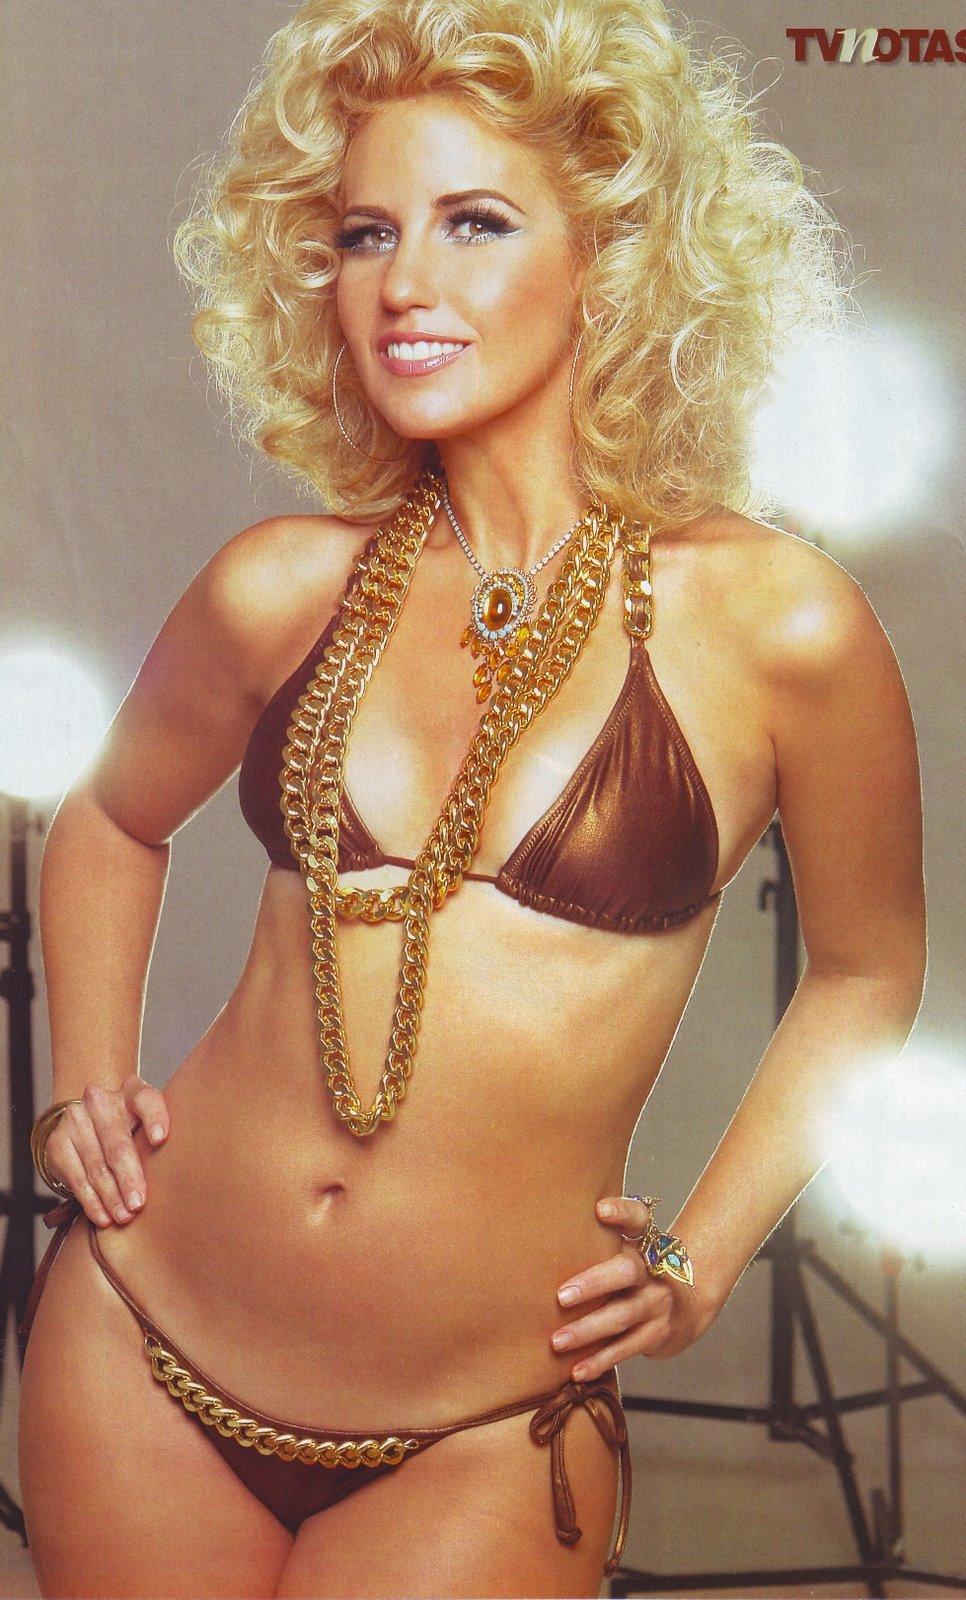 Raquel Bigorra 9 1 Picture